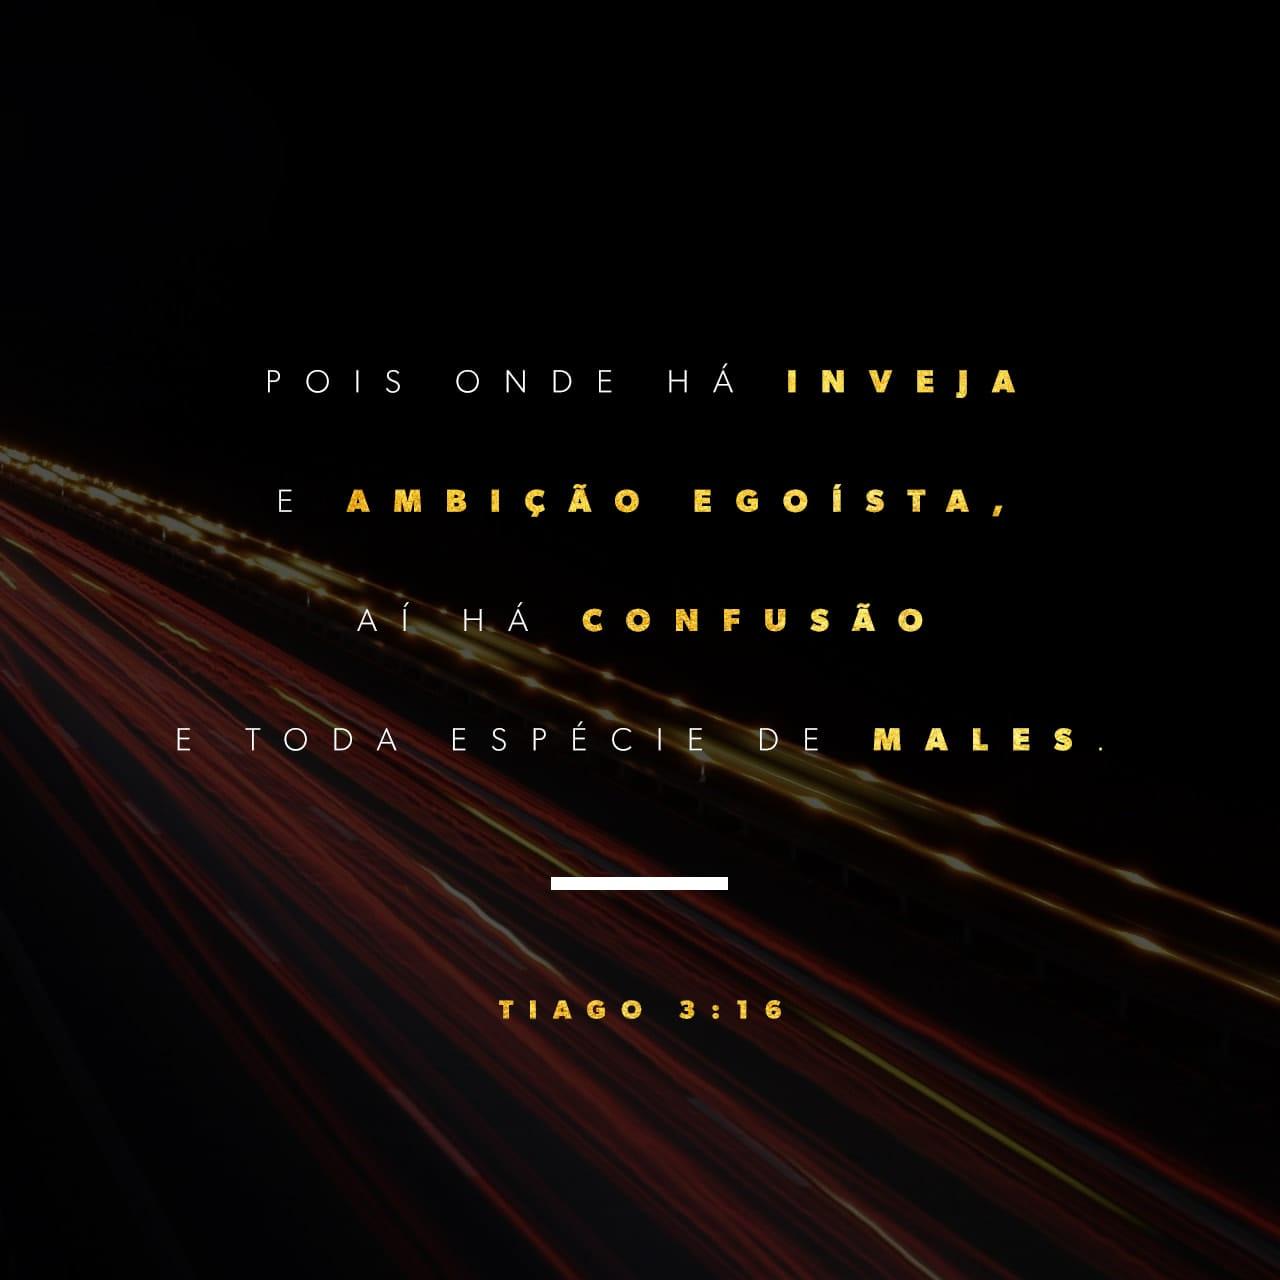 Tiago 3:16 Pois onde há inveja e ambição egoísta, aí há confusão e toda espécie de males.   Nova Versão Internacional Português (NVI-P)   Baixar o App da Bíblia agora